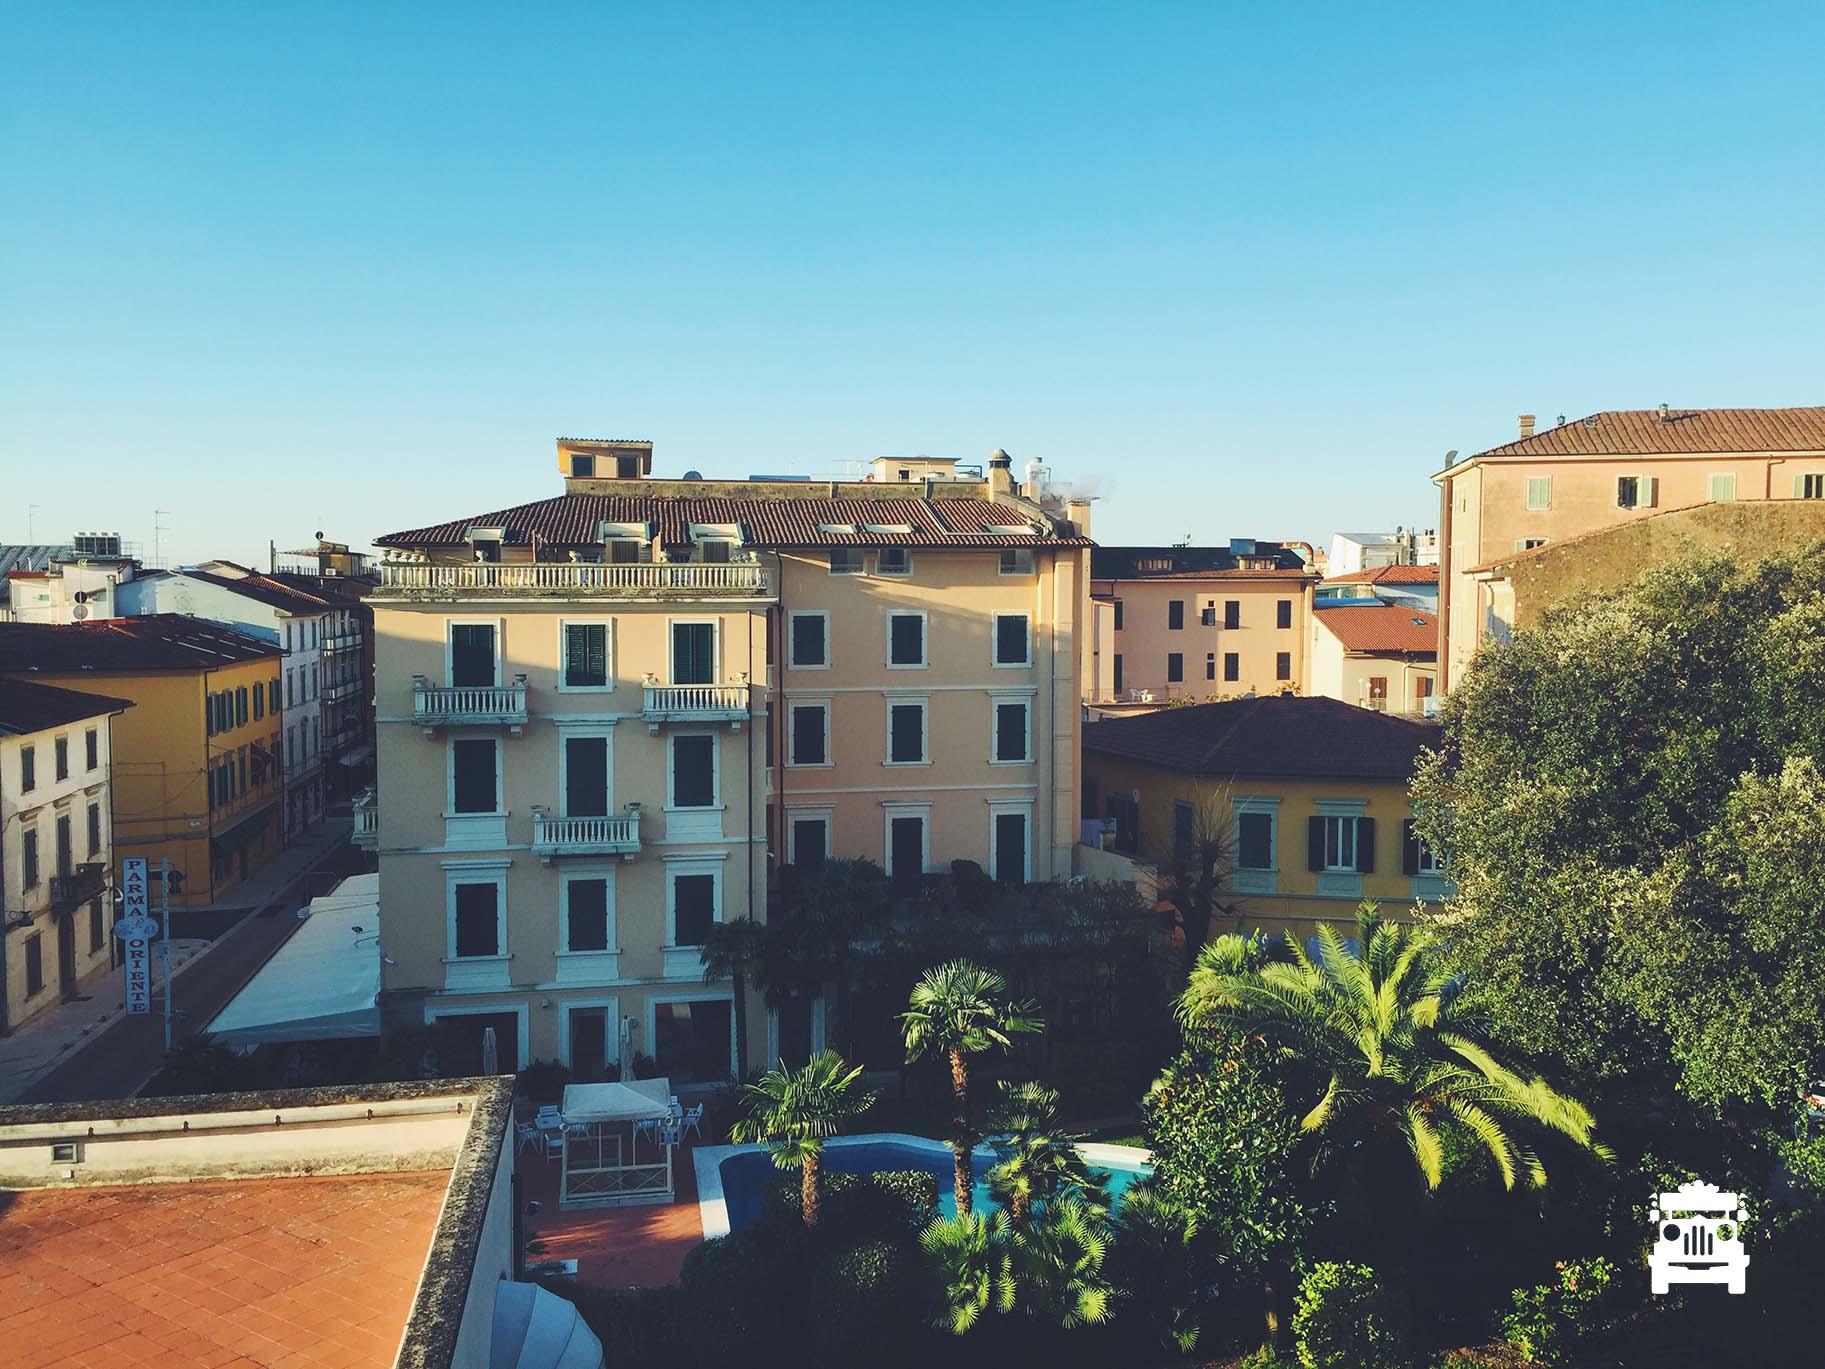 Good morning Montecatini